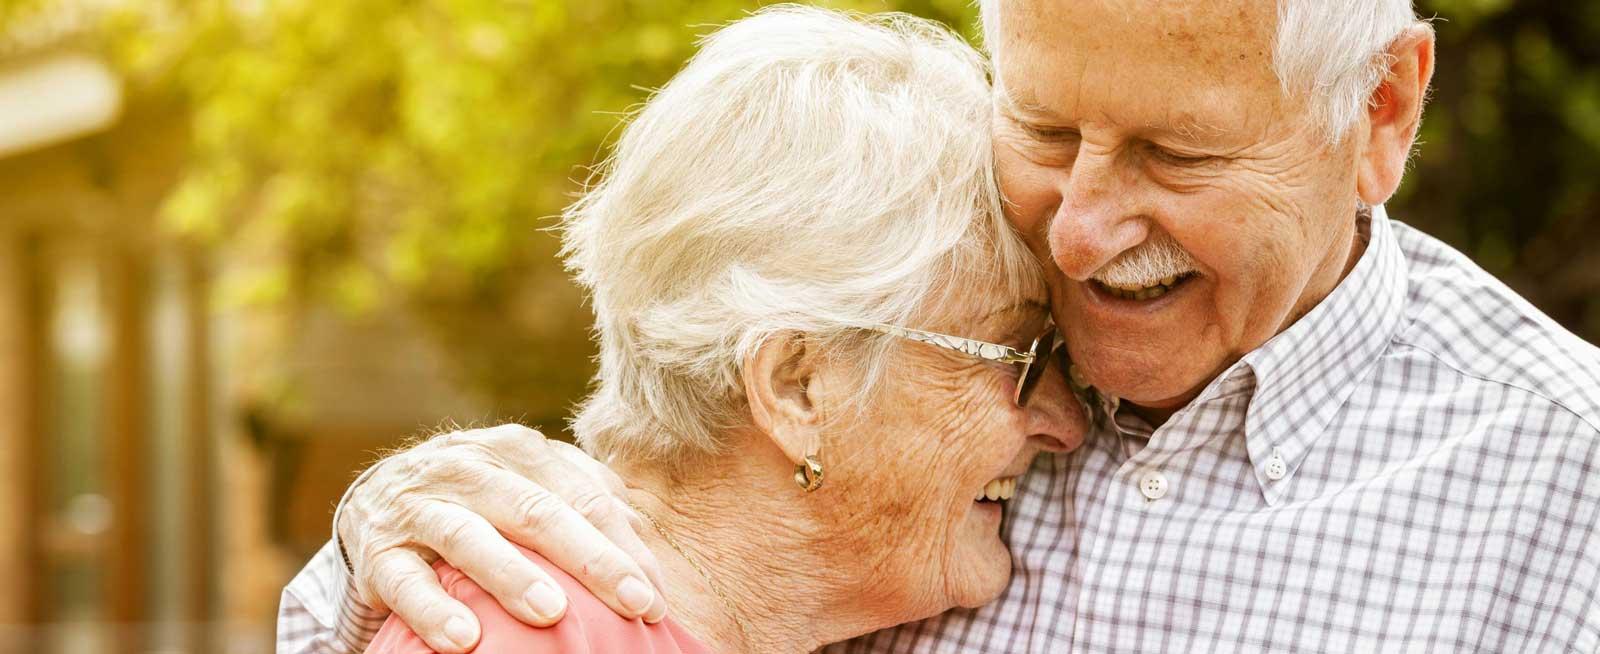 vrs communities news seniors housing bc alberta ken fraser